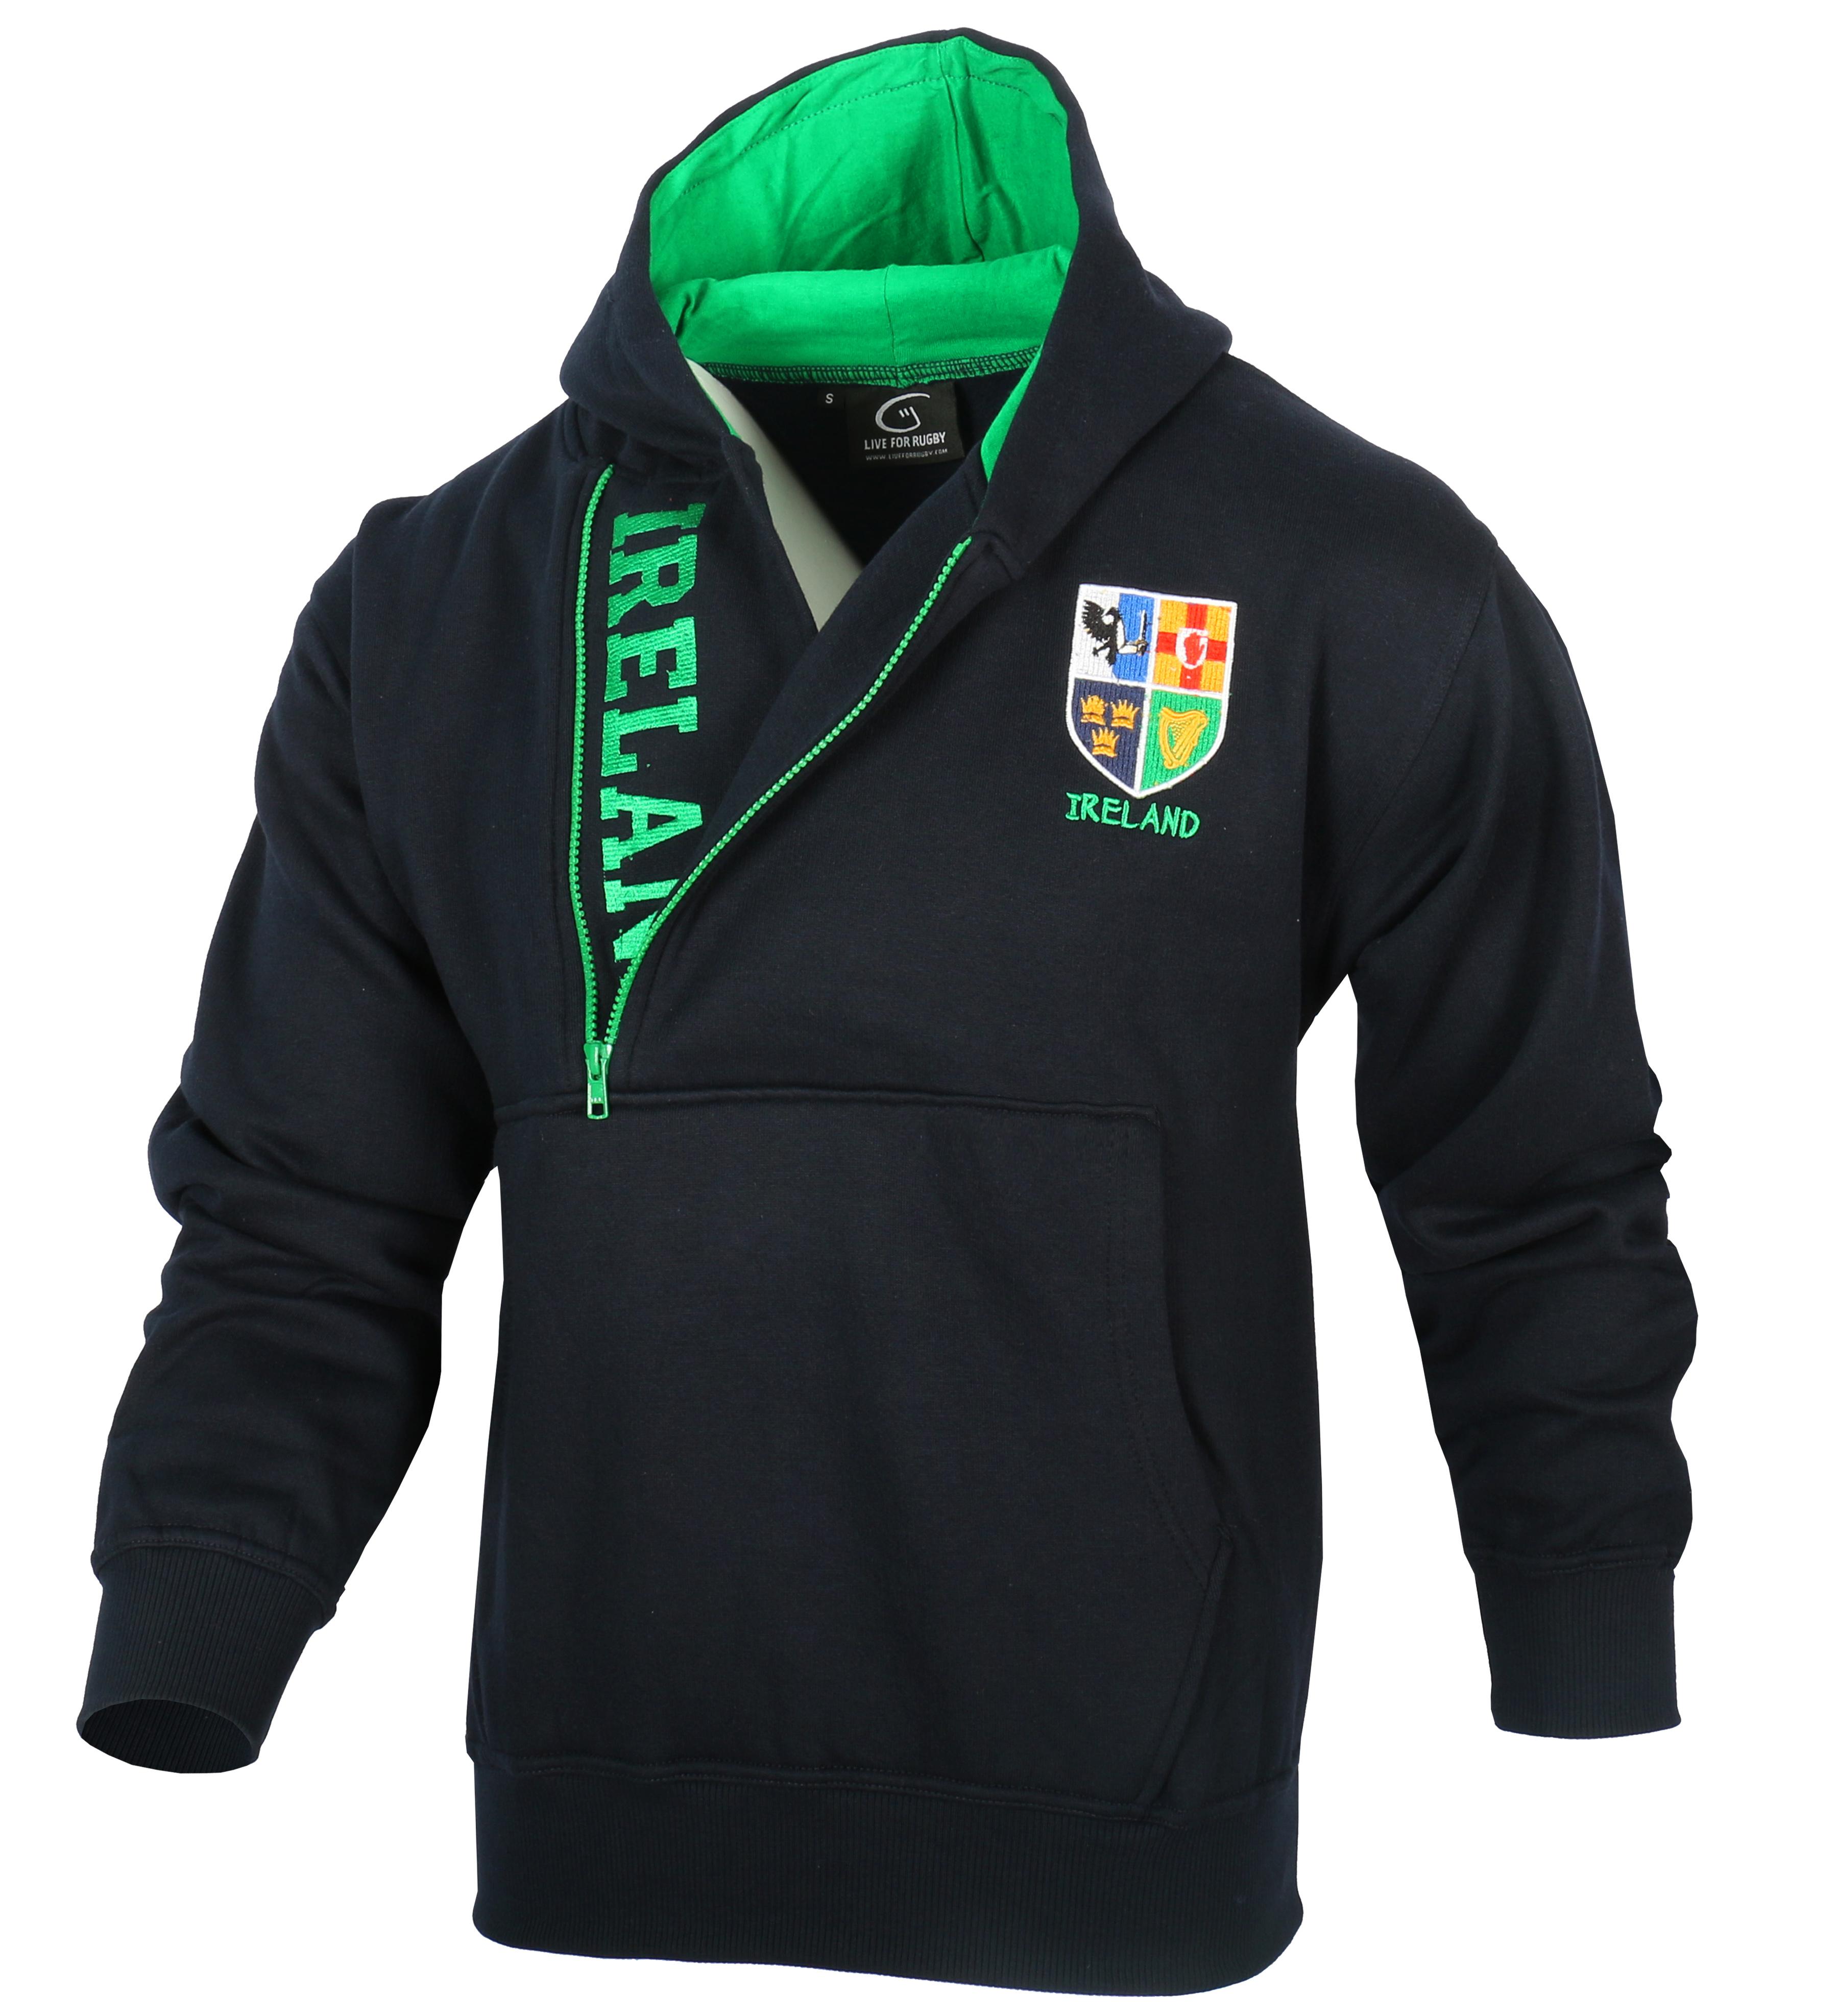 Men-039-s-Half-Zip-Hoodie-Pullover-Sweatshirt-Ireland-Navy-and-Green thumbnail 9